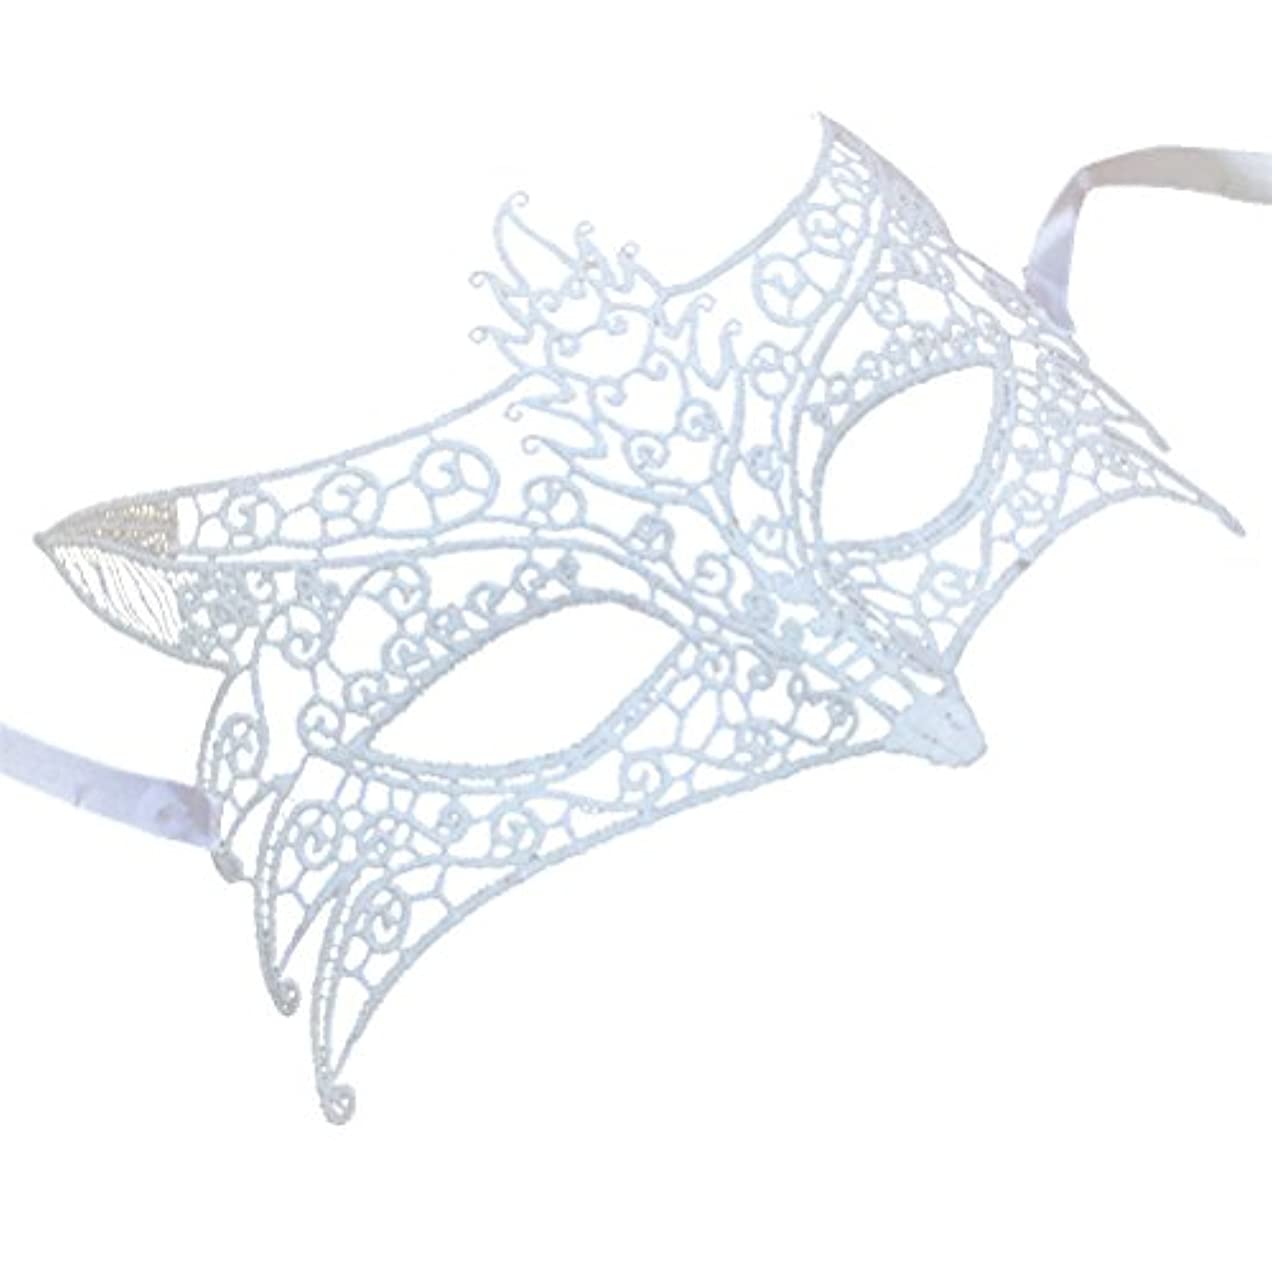 大通り悩み男やもめAMOSFUN キツネの形をしたレースパーティーマスクイブニングパーティーウエディングマスカレードマスク(ホワイト)